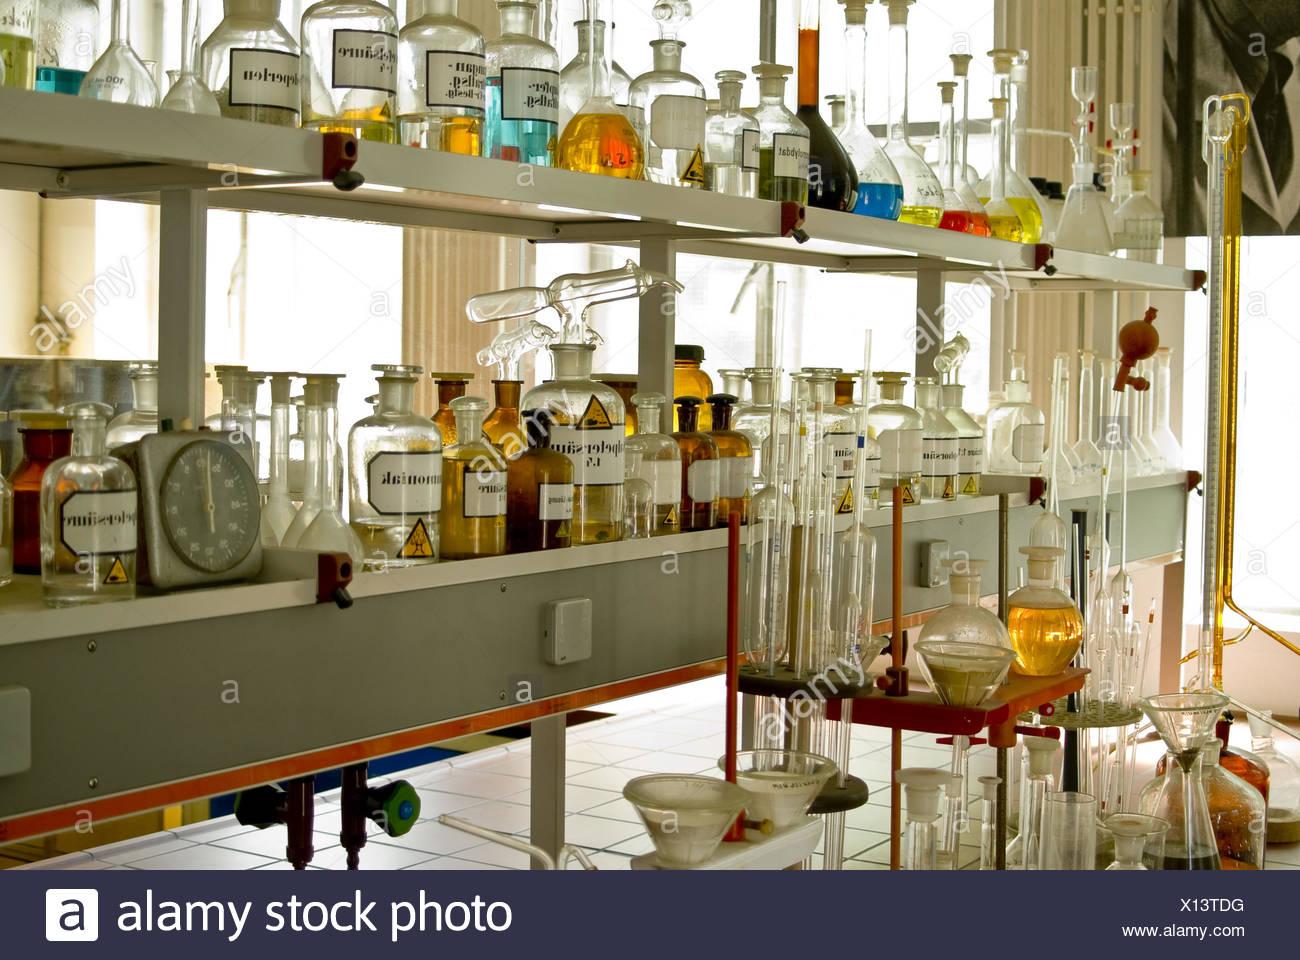 Laboratorio de química Imagen De Stock